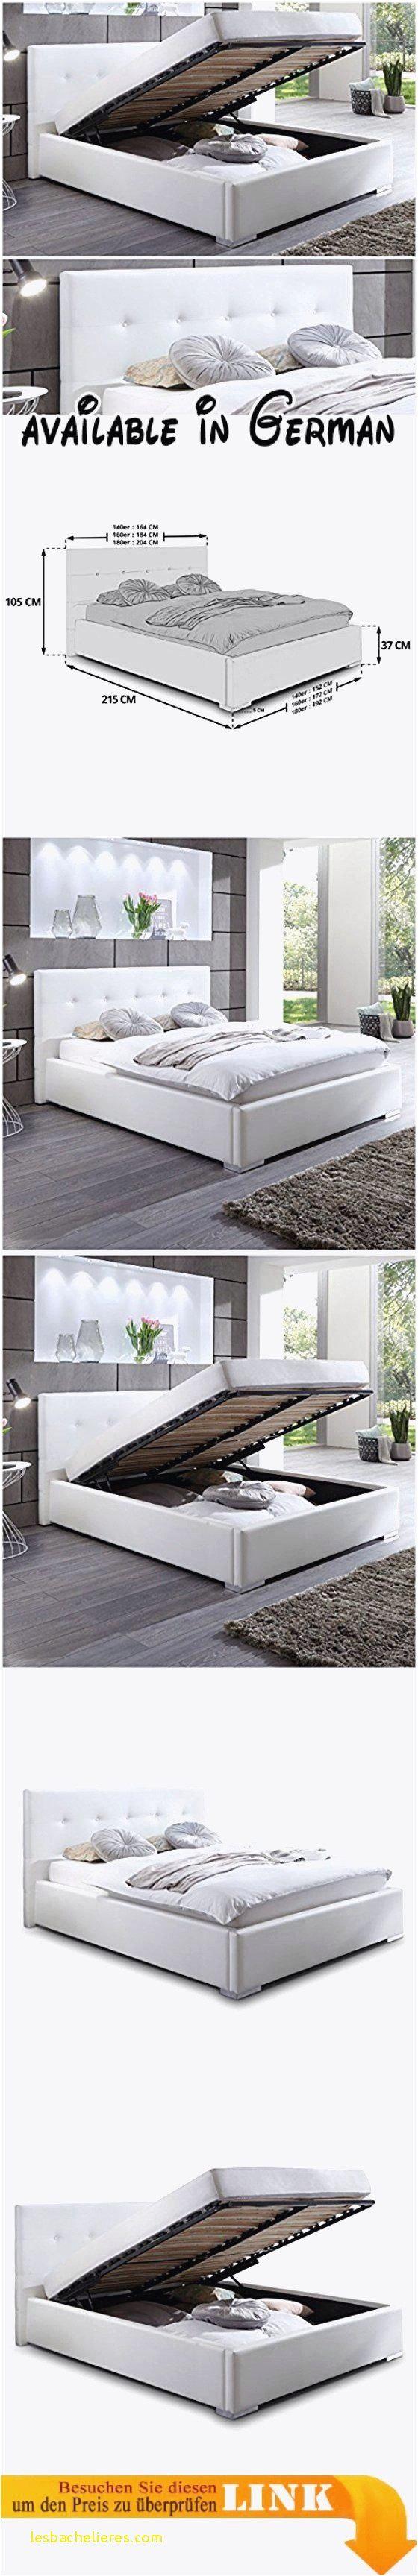 Lit Japonais Ikea Luxe Résultat Supérieur Matelas Latex Beau Lit Ikea 140—190 Nouveau Ikea